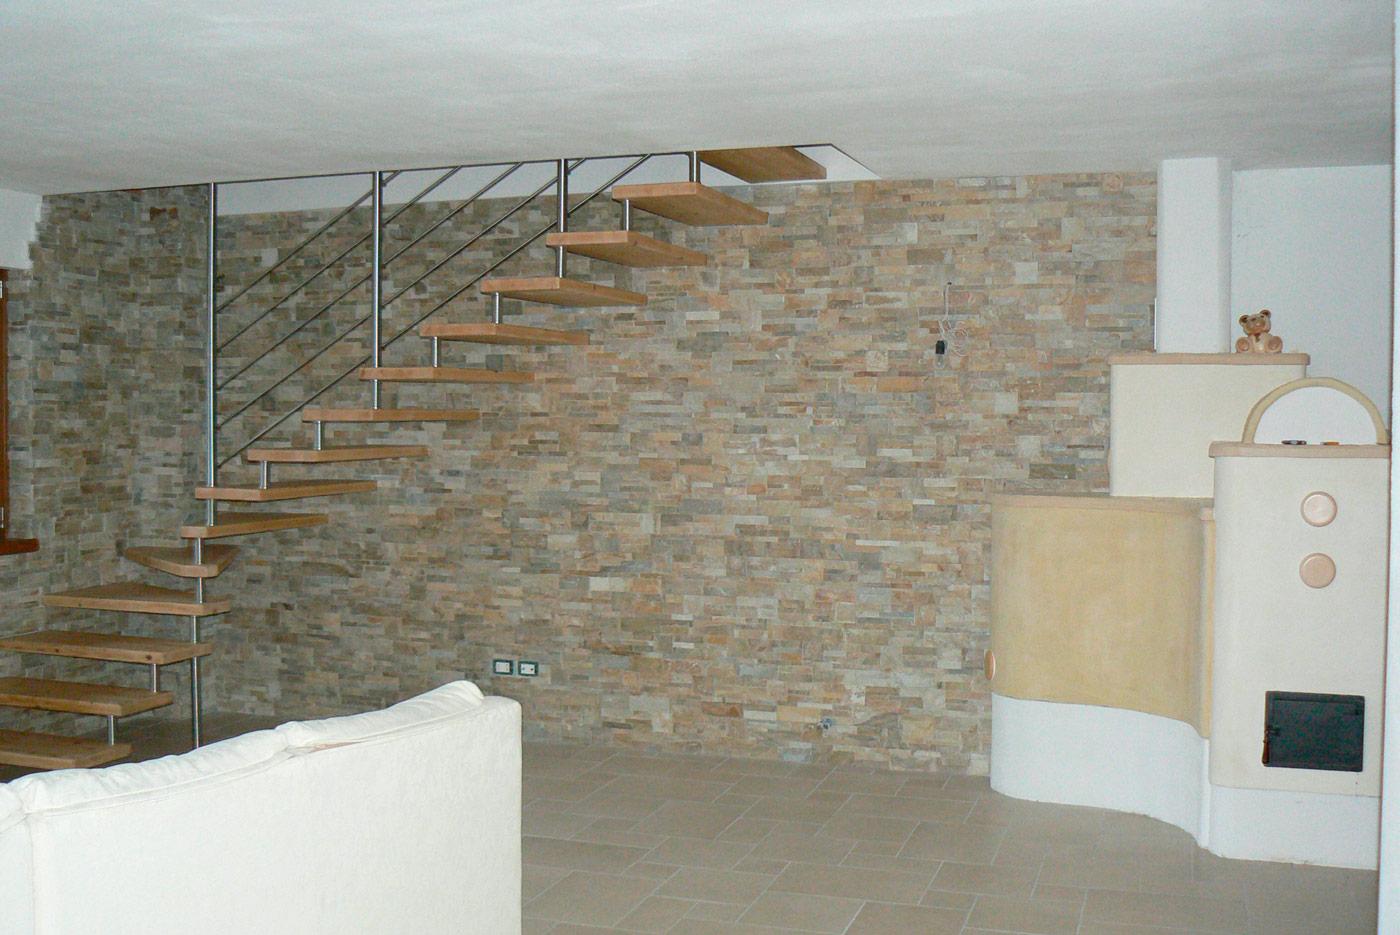 Rivestimenti in pietra e marmo per interni a Trento - Lagorai Pietre